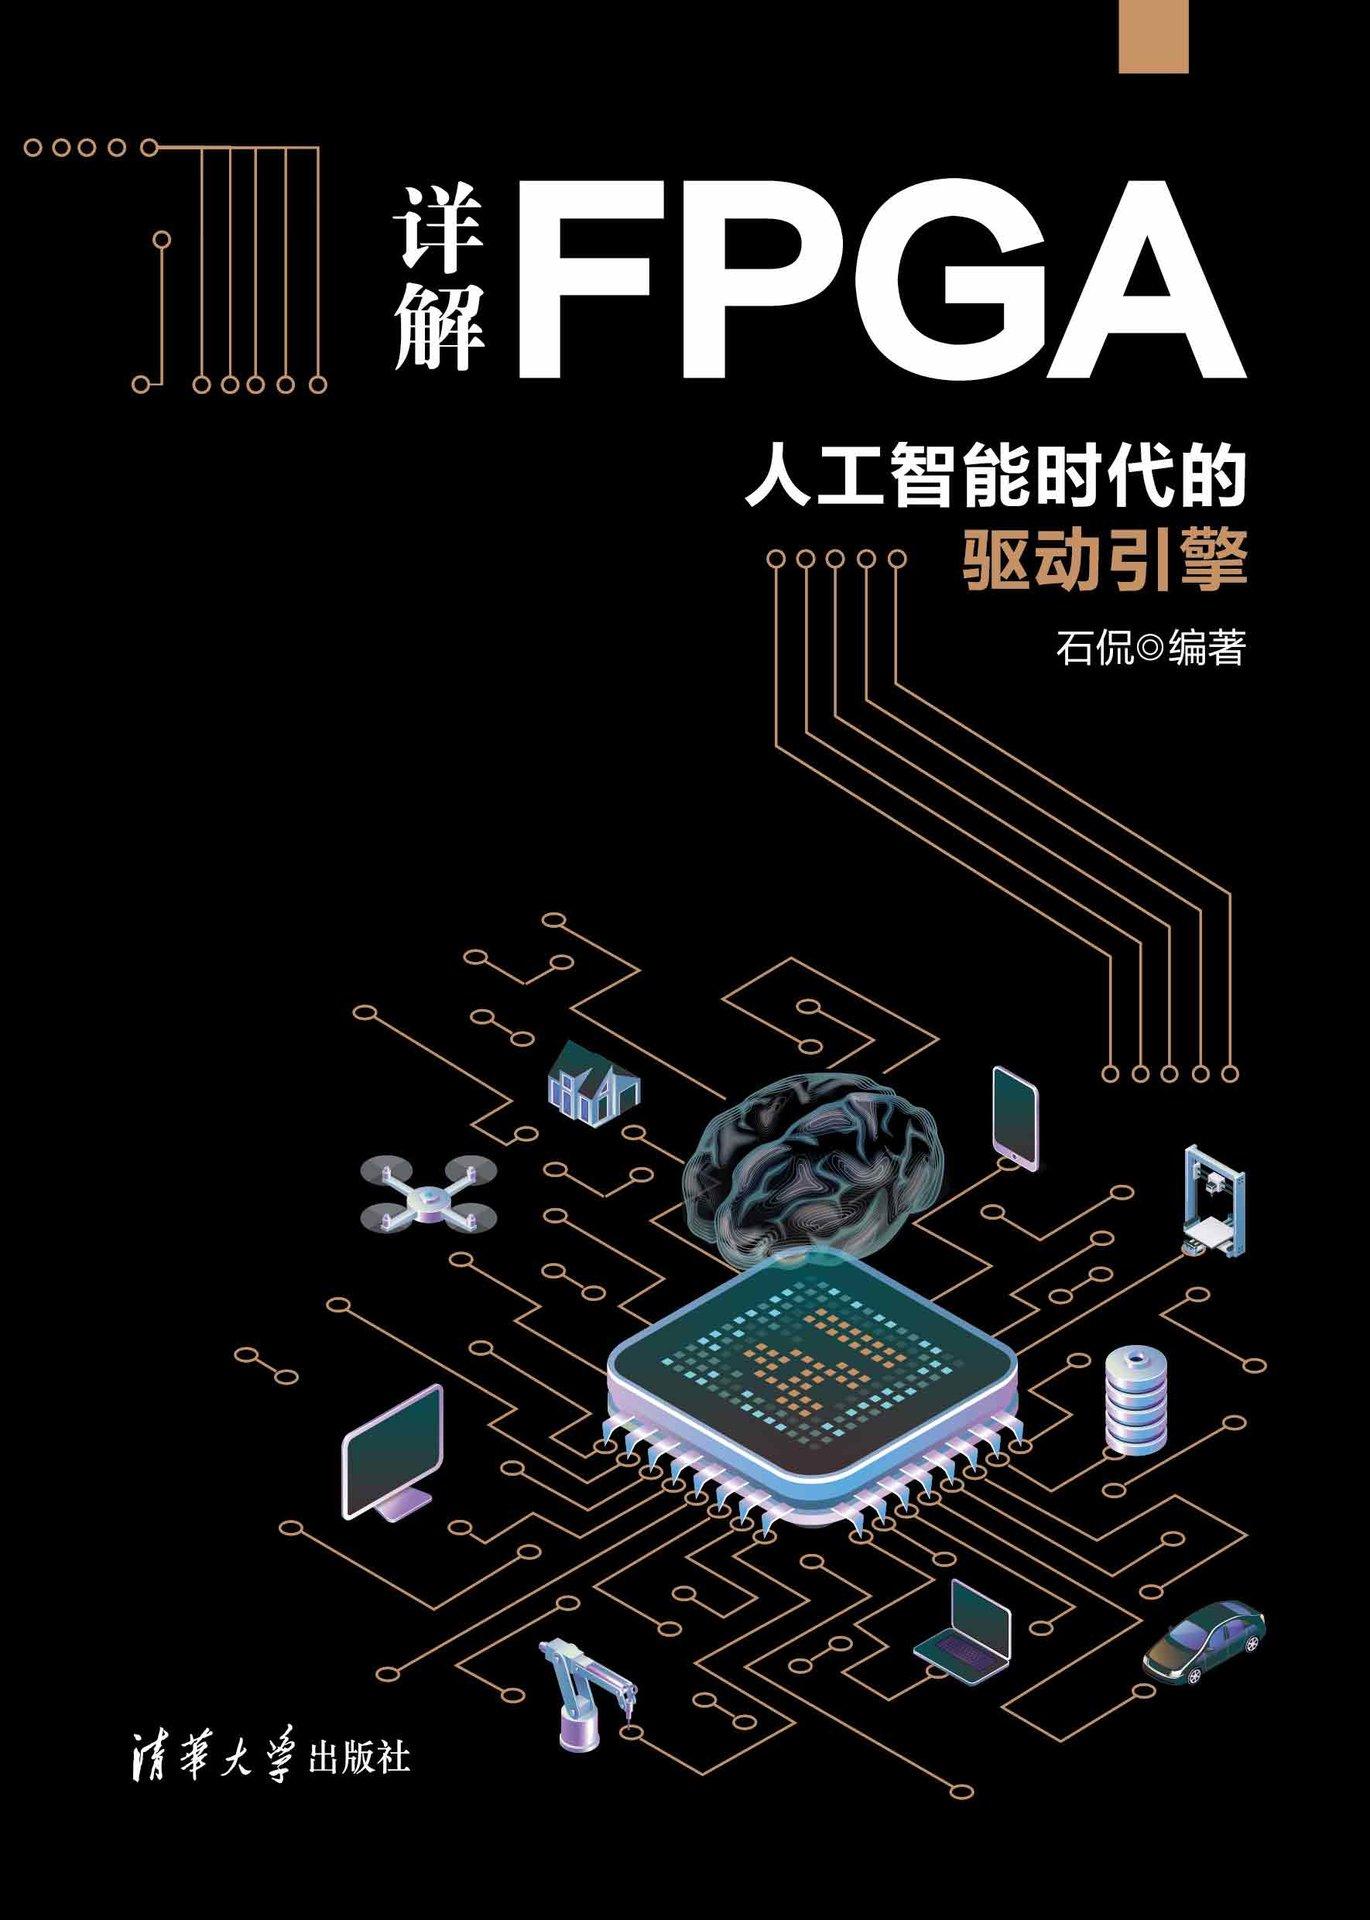 詳解 FPGA:人工智能時代的驅動引擎-preview-1